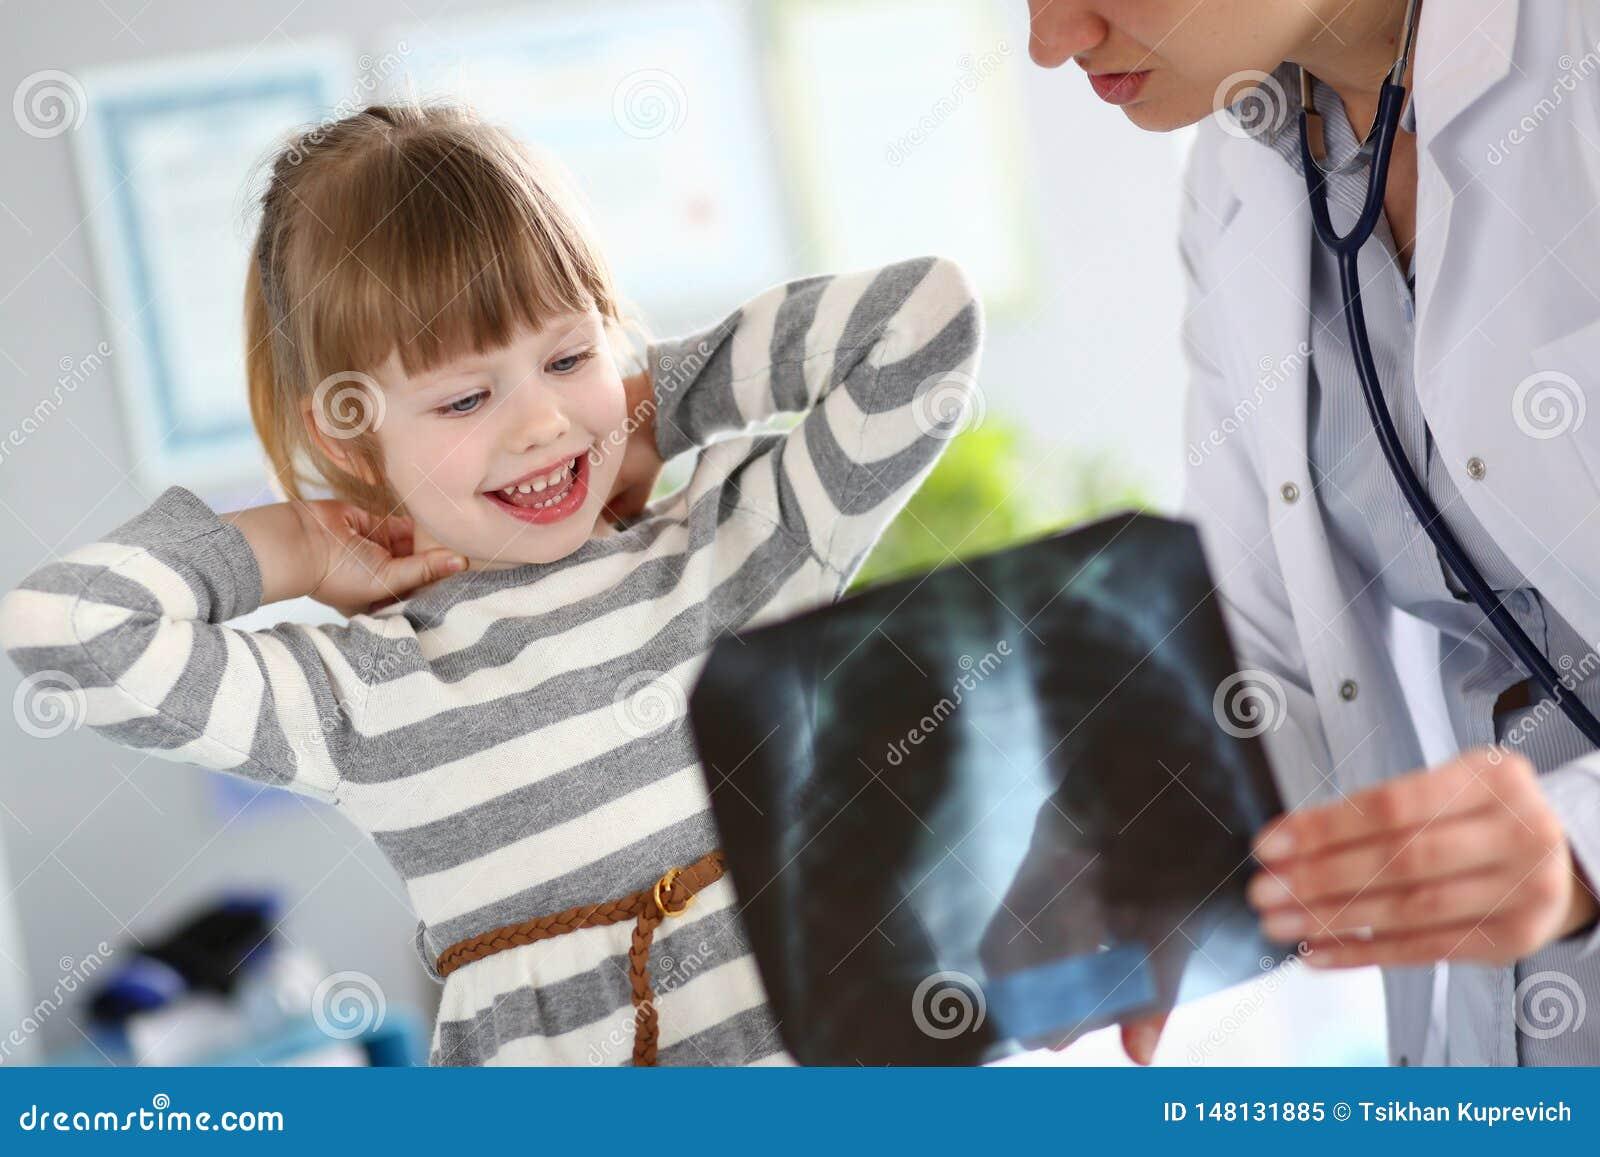 Θηλυκός παιδίατρος που συνεργάζεται με το χαριτωμένο μικρό κορίτσι στο γραφείο της που εξηγεί τη διάγνωση